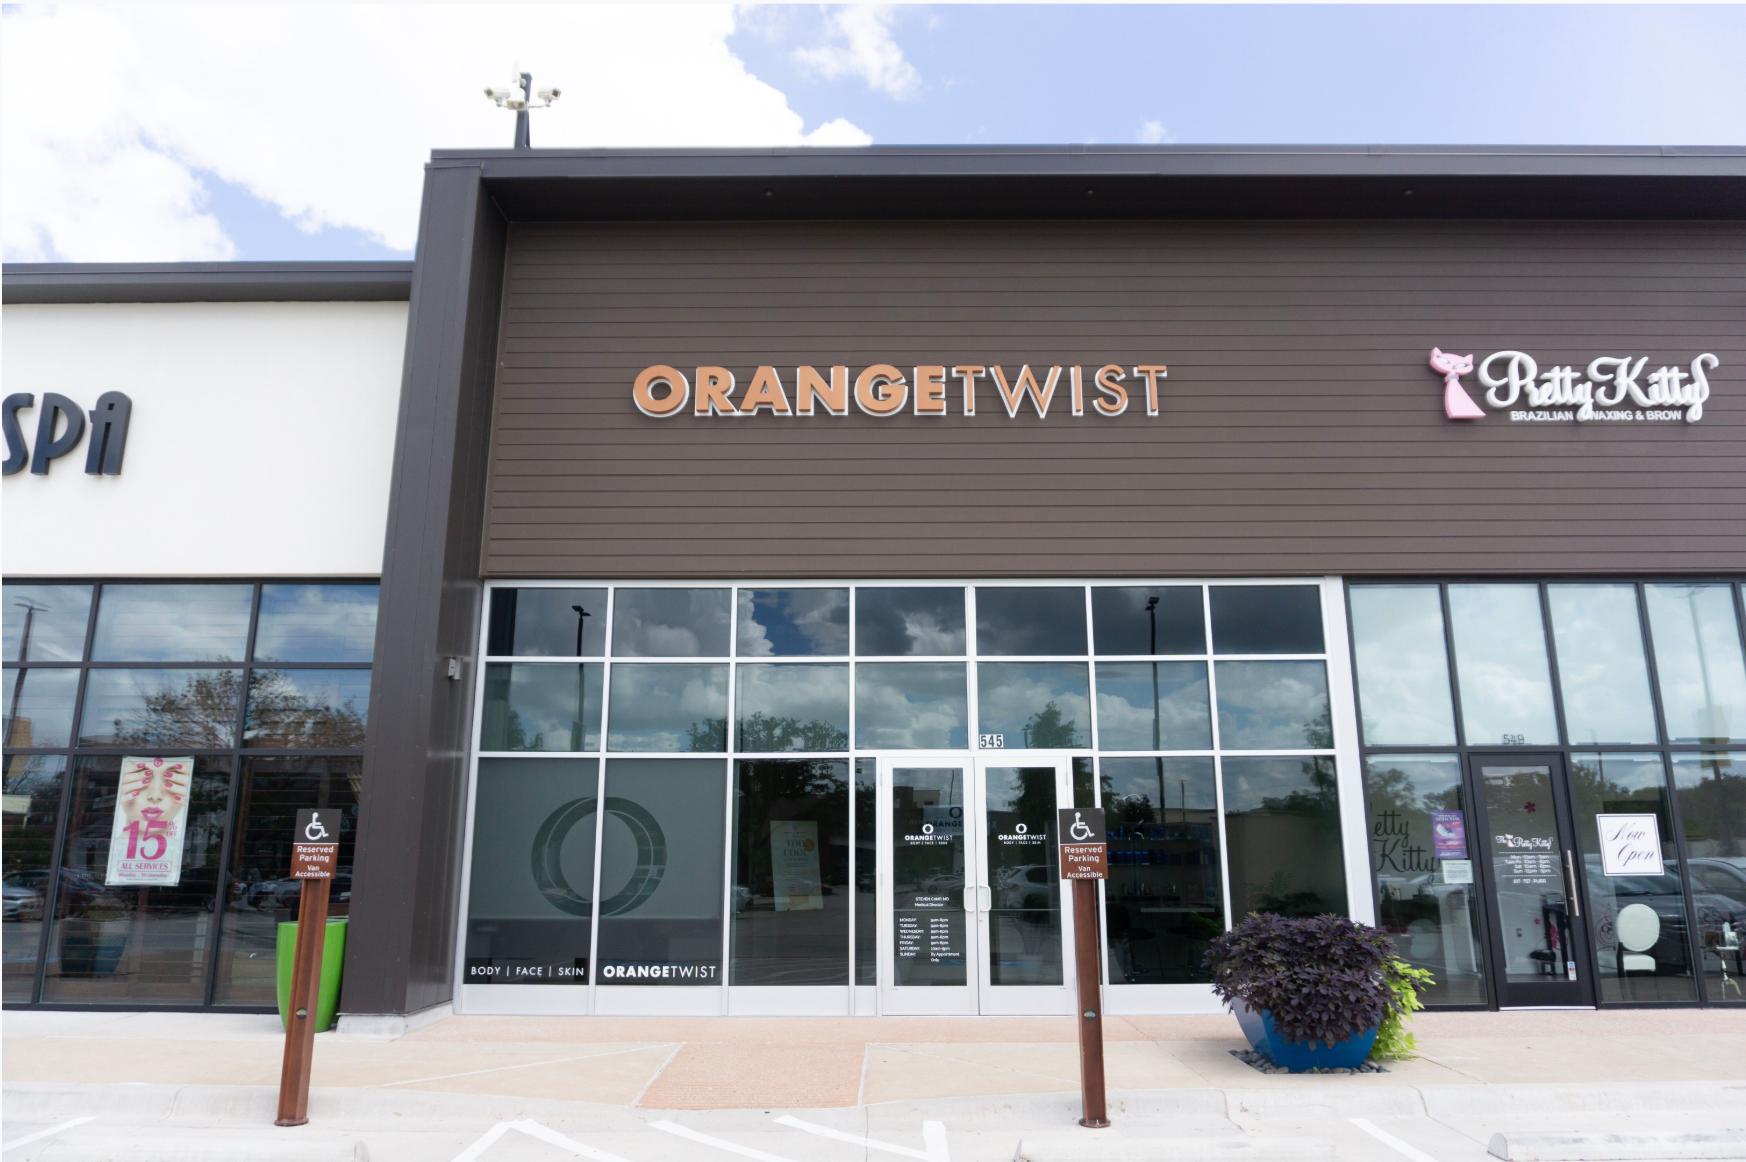 OrangeTwist Fort Worth